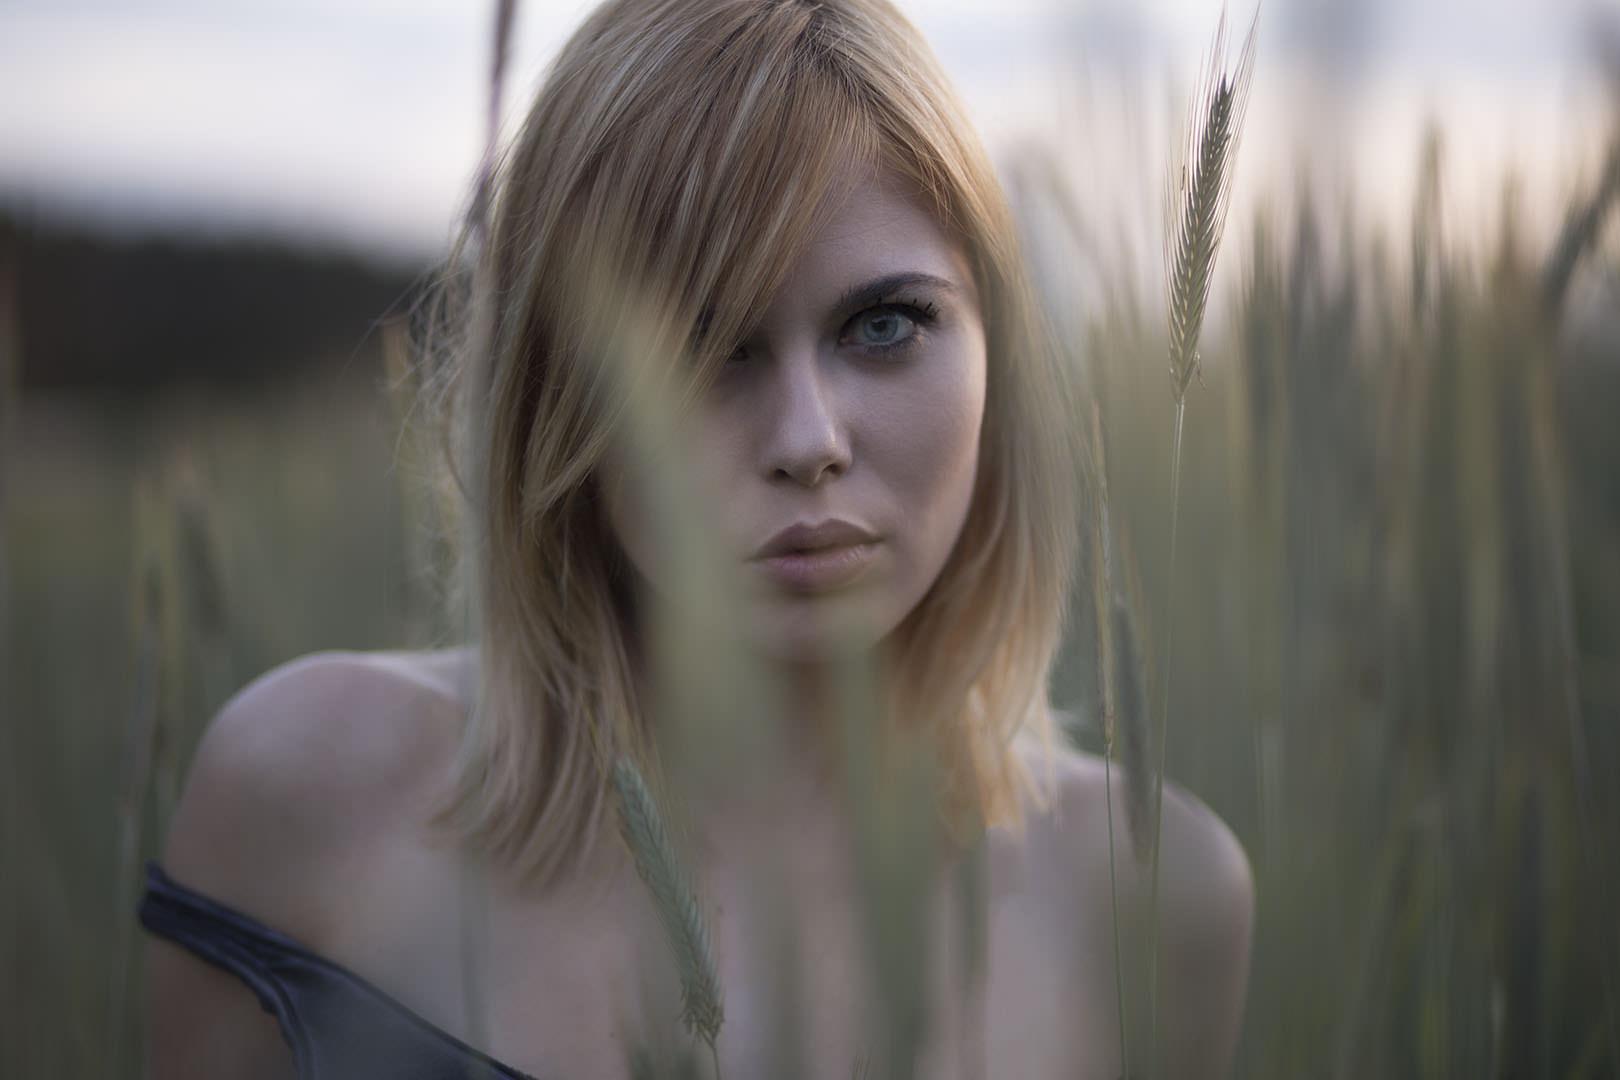 Natalia_07